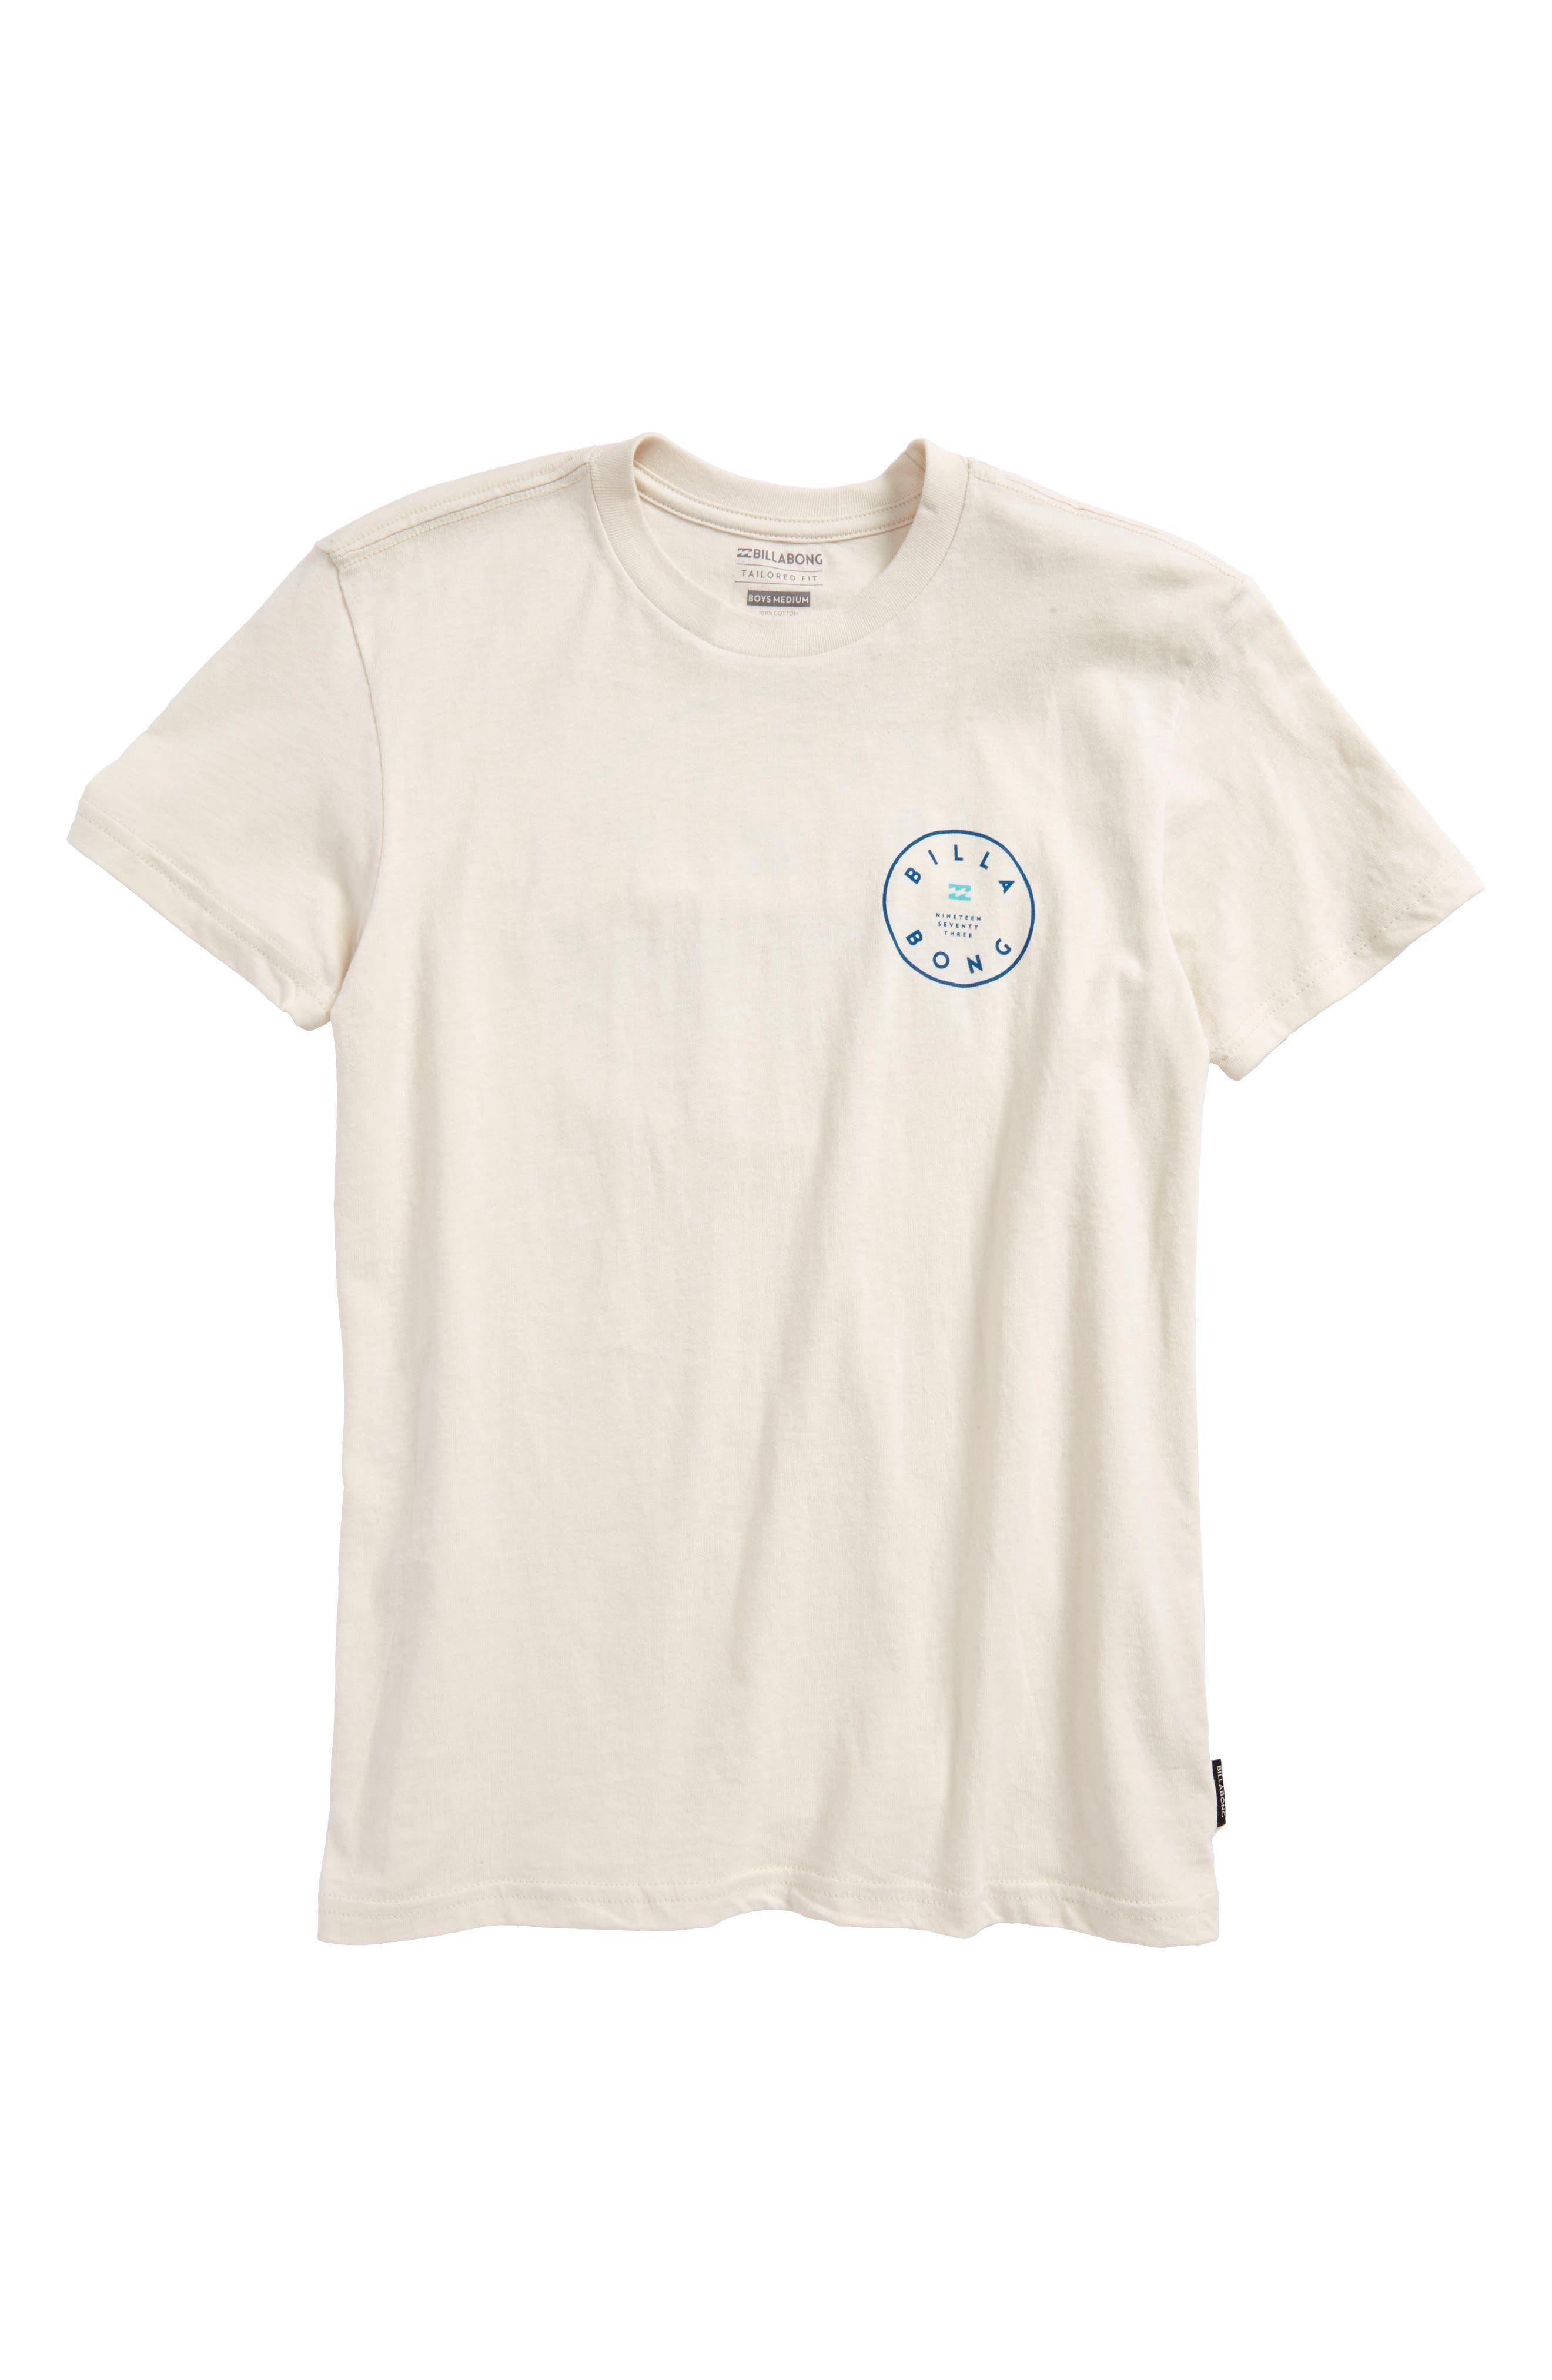 Rotor Fill Graphic T-Shirt,                             Main thumbnail 1, color,                             050